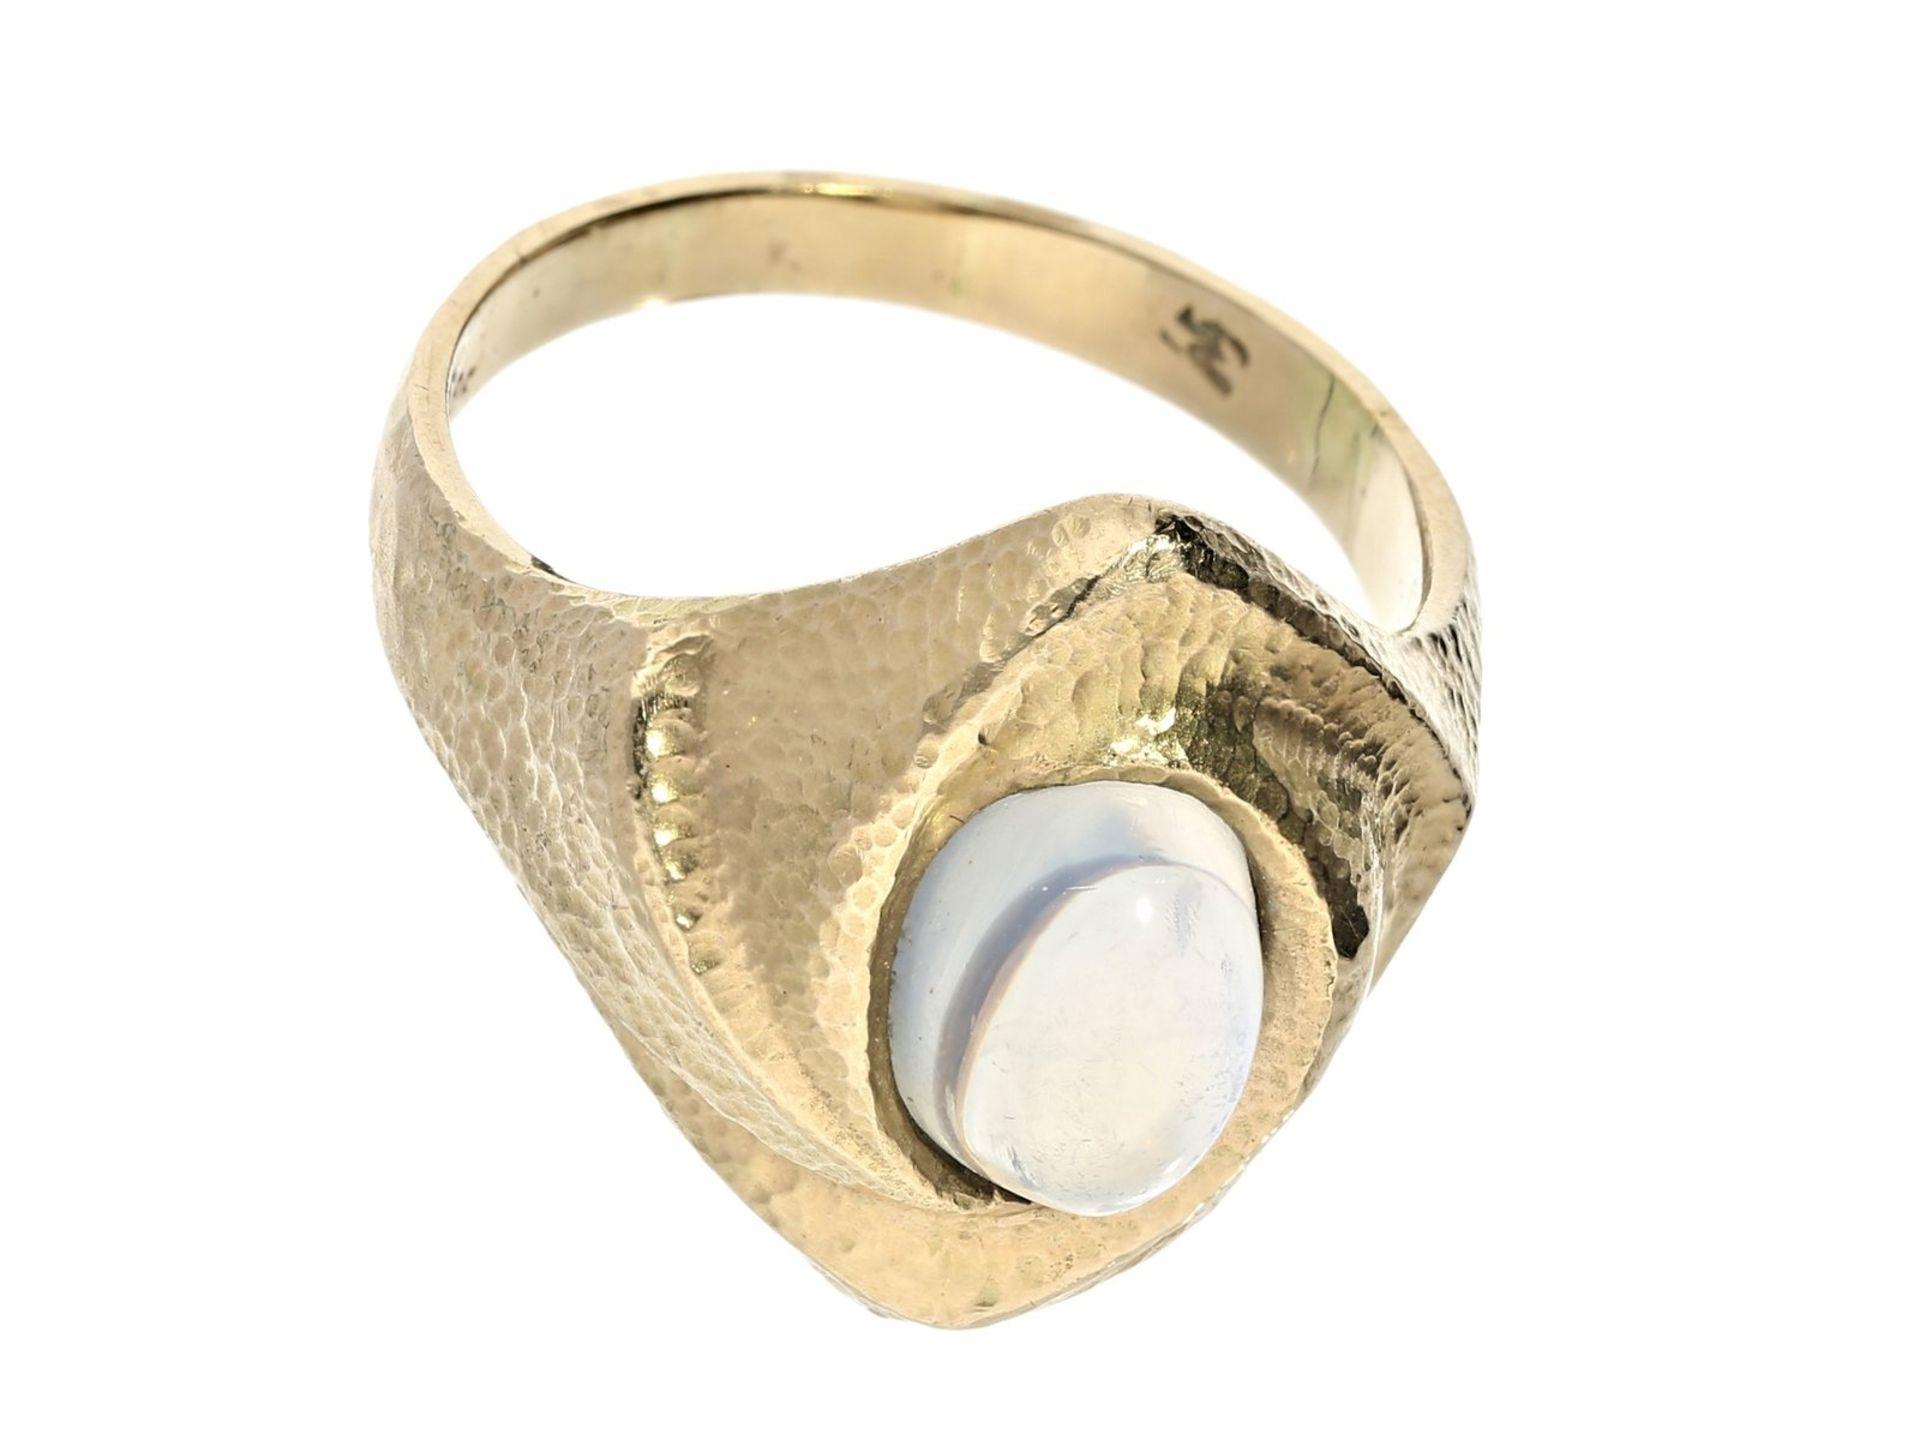 Ring: solider vintage Goldschmiedering mit MondsteinCa. Ø19mm, RG60, ca. 8g, 14K Gold, der - Bild 2 aus 2